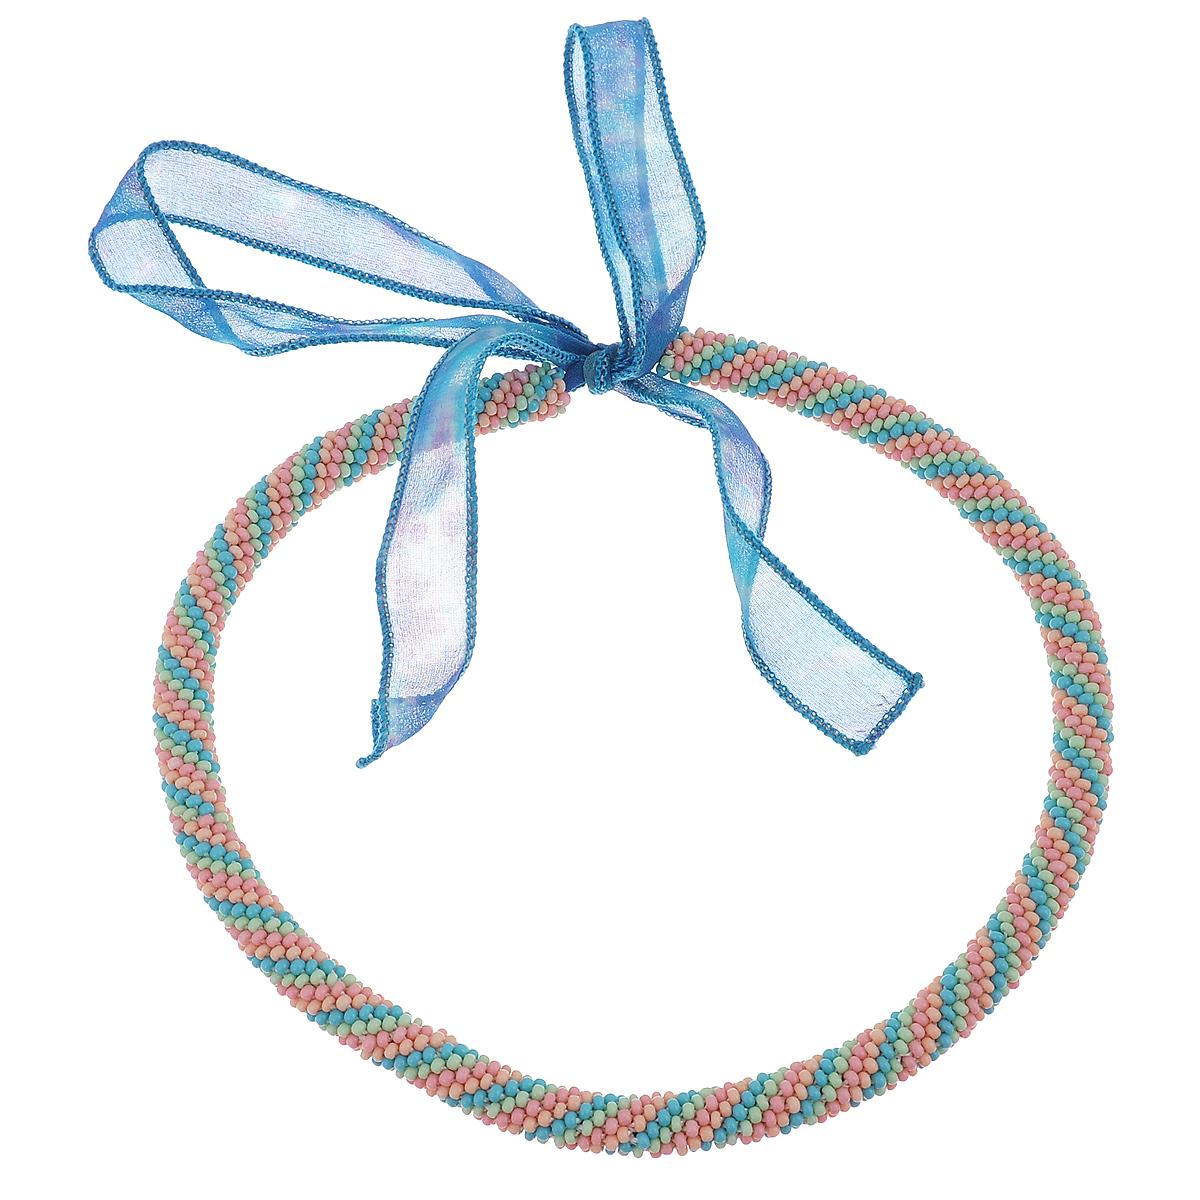 Бусы-шнур с узором Полосатый. Бисер, ручная работаШТ8Вместо замка - шелковая ленточка, которую можно завязывать сзади, спереди и сбоку.